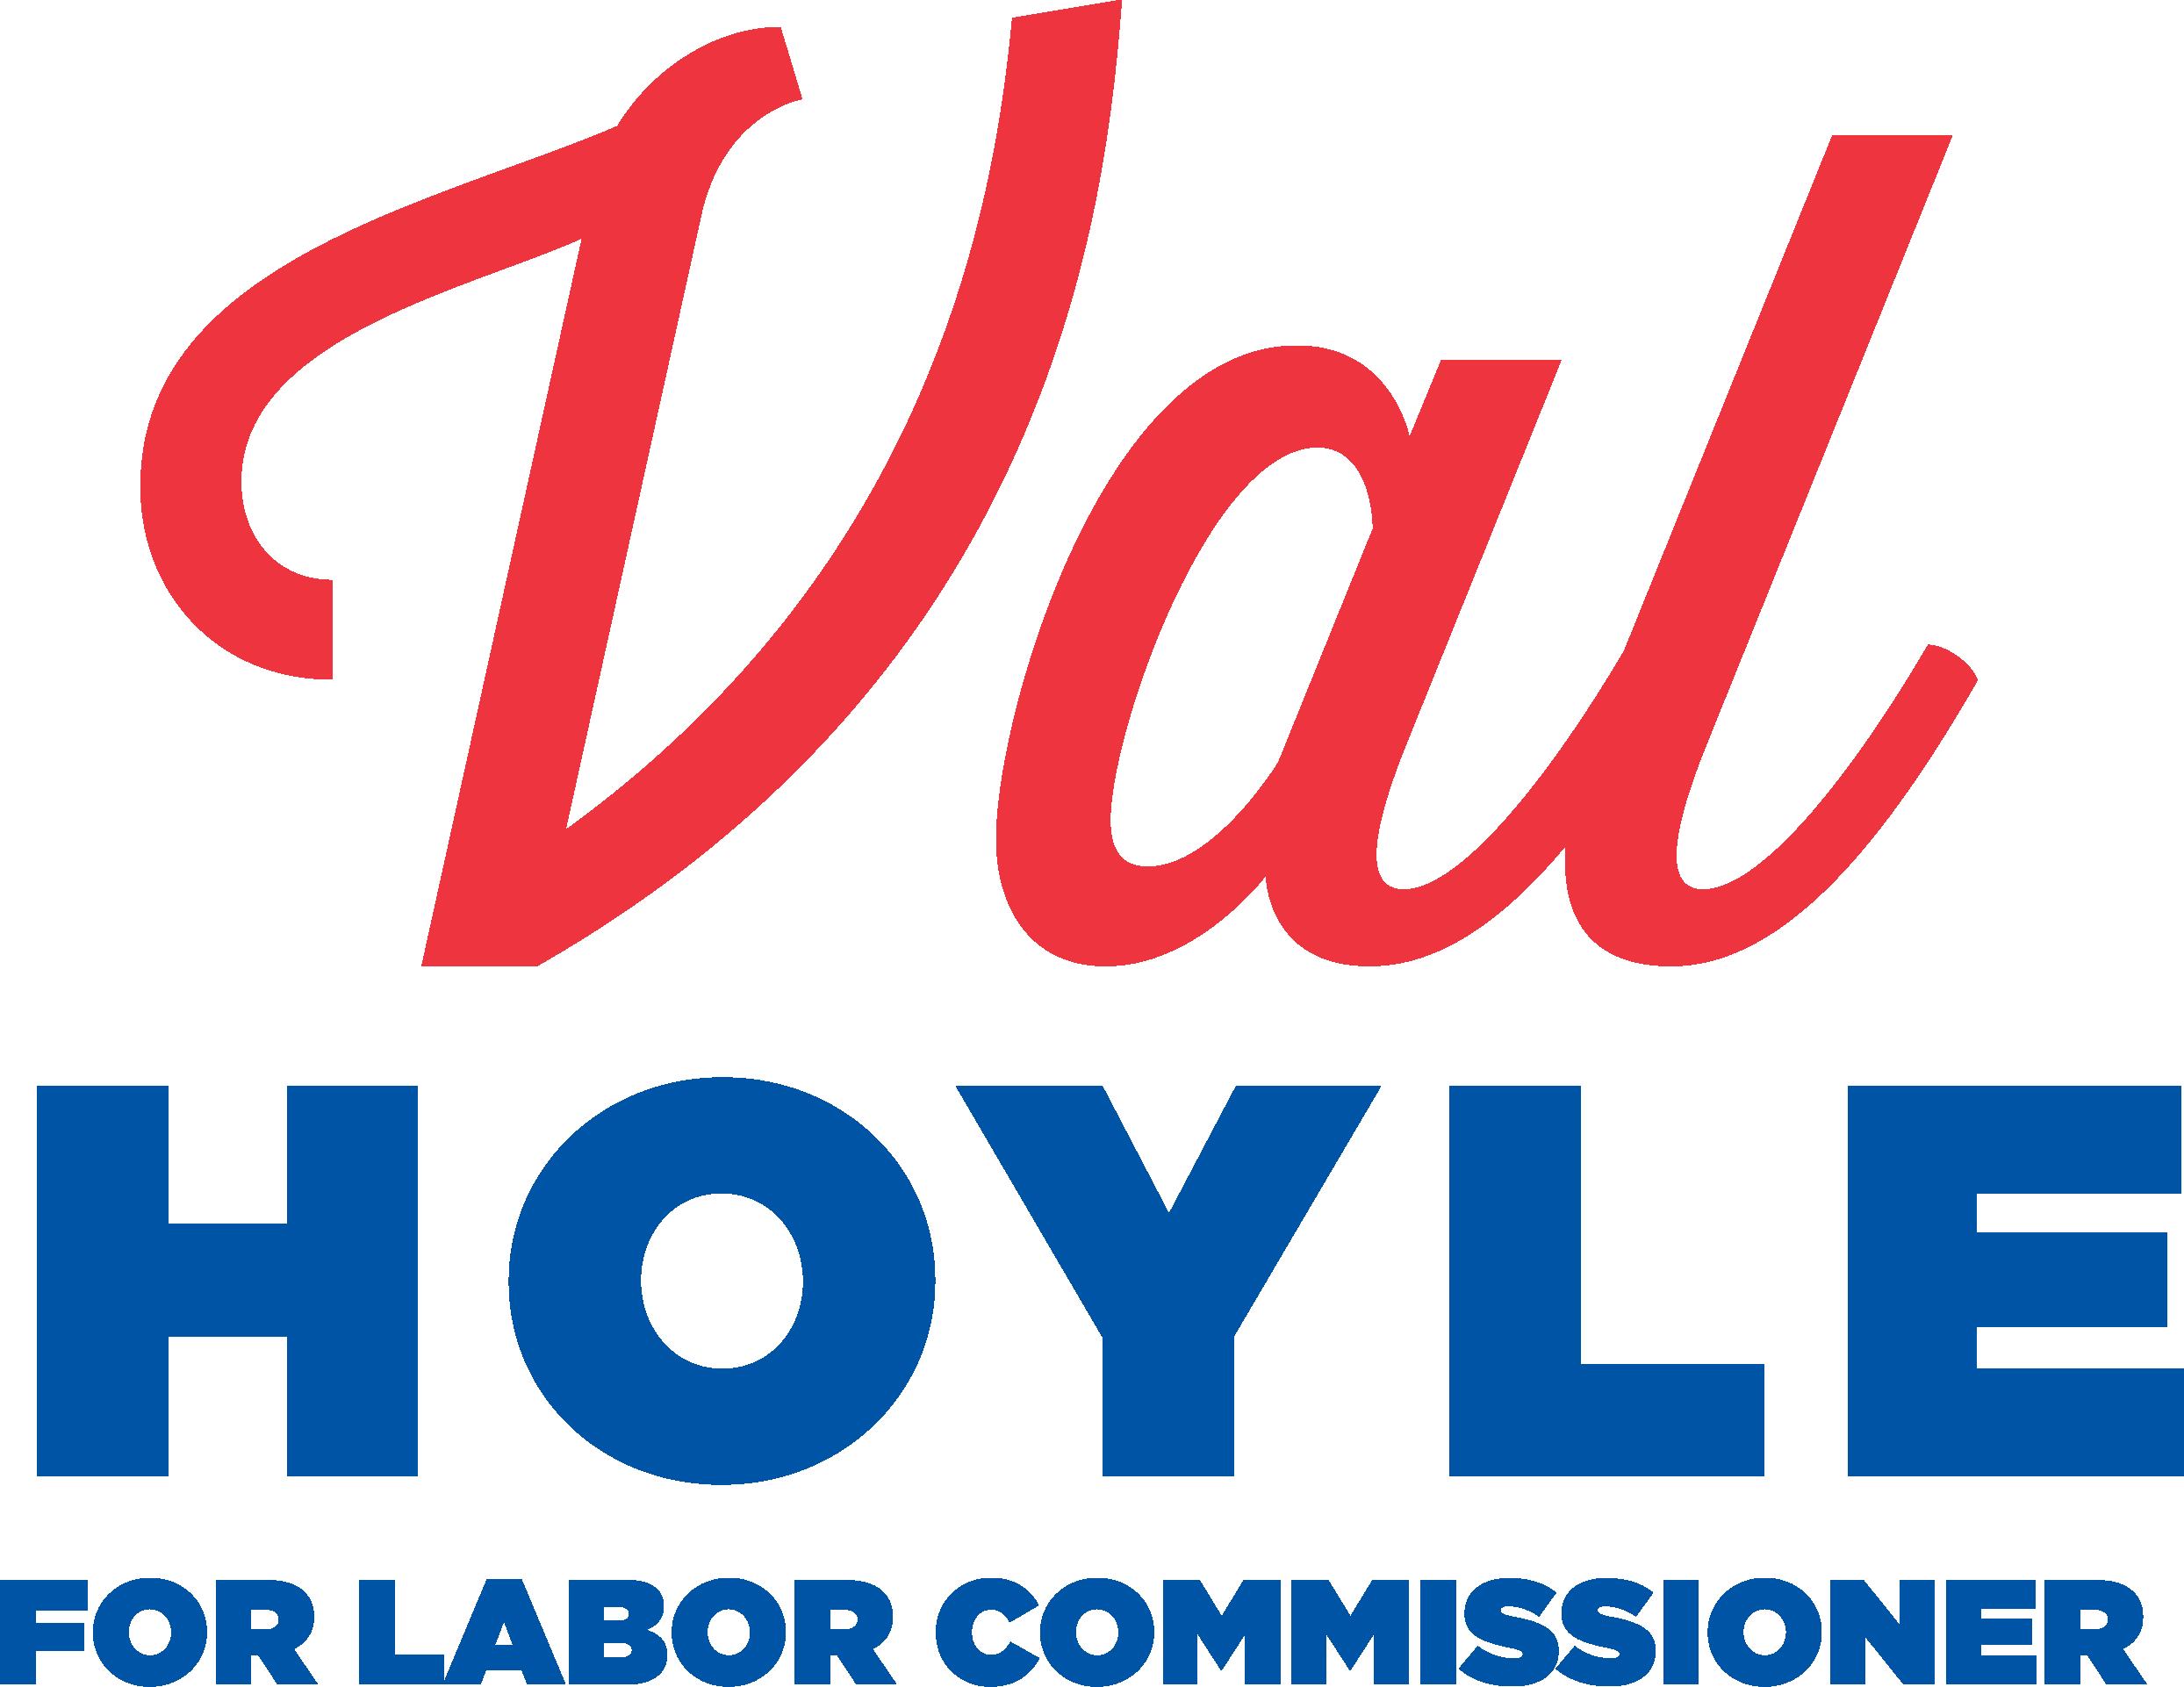 Val Hoyle